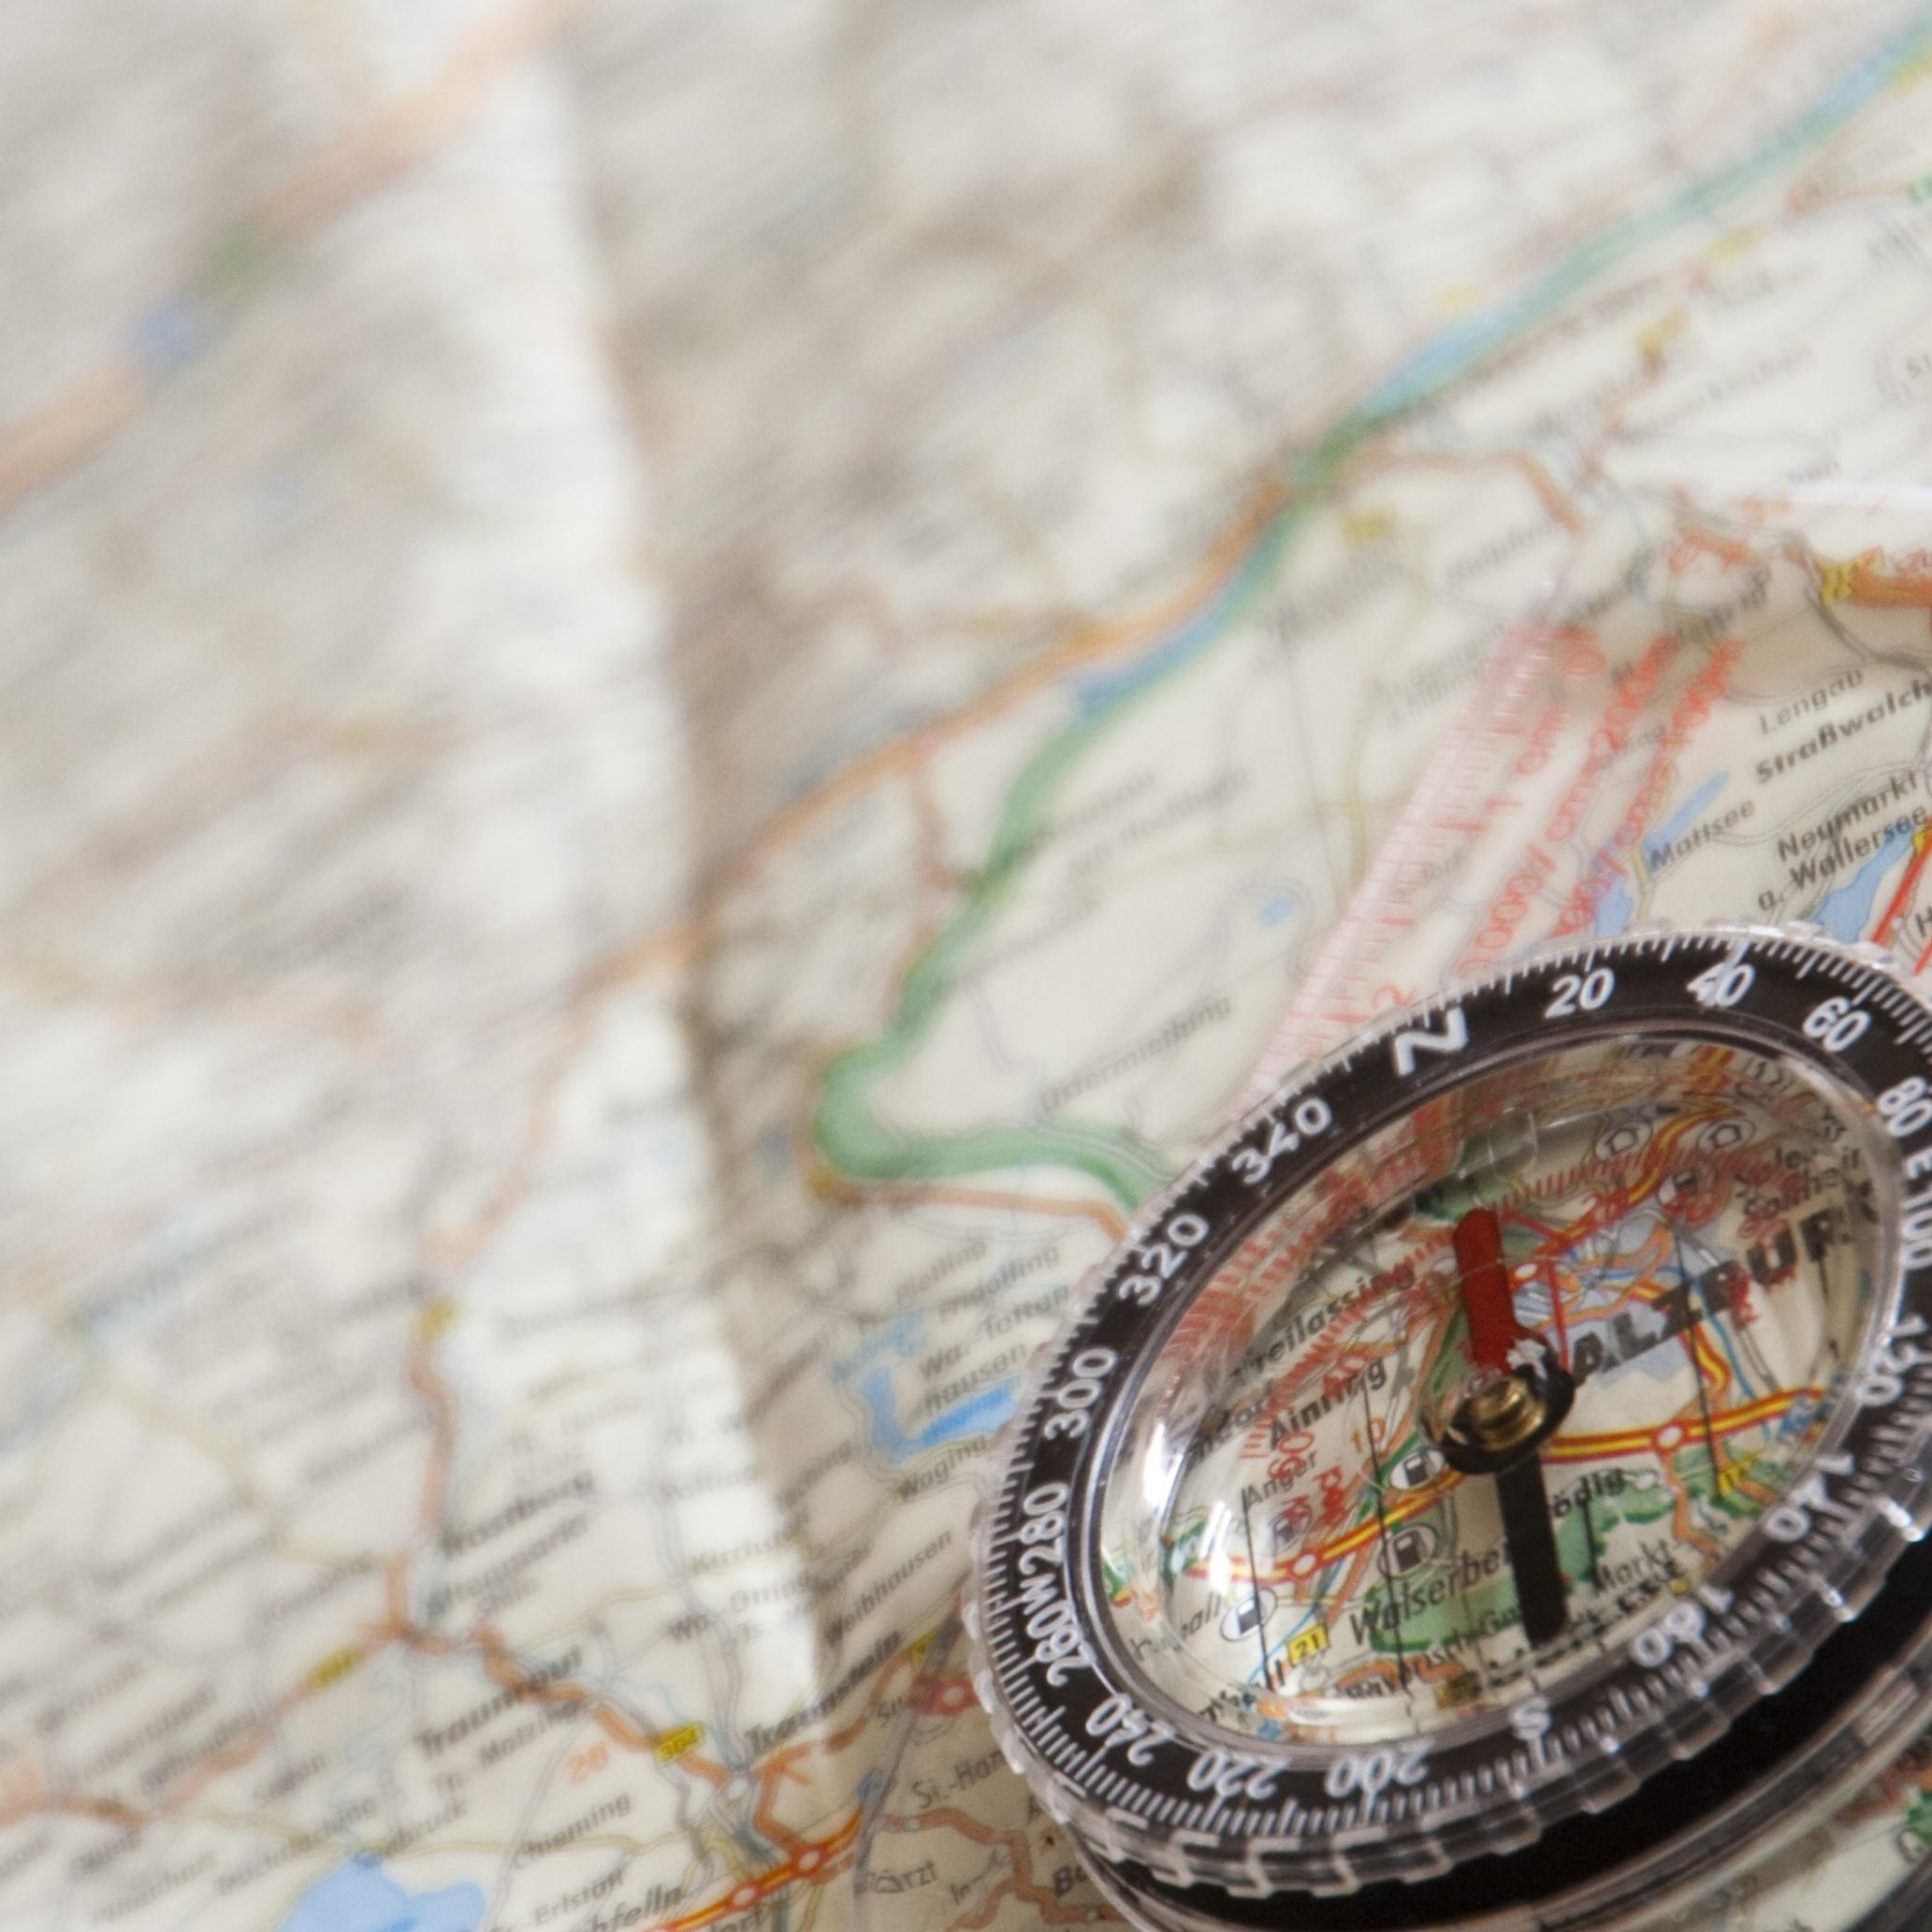 navigasjon kart Bildet : hånd, kjøretøy, kompass, kart, Nord, navigasjon  navigasjon kart